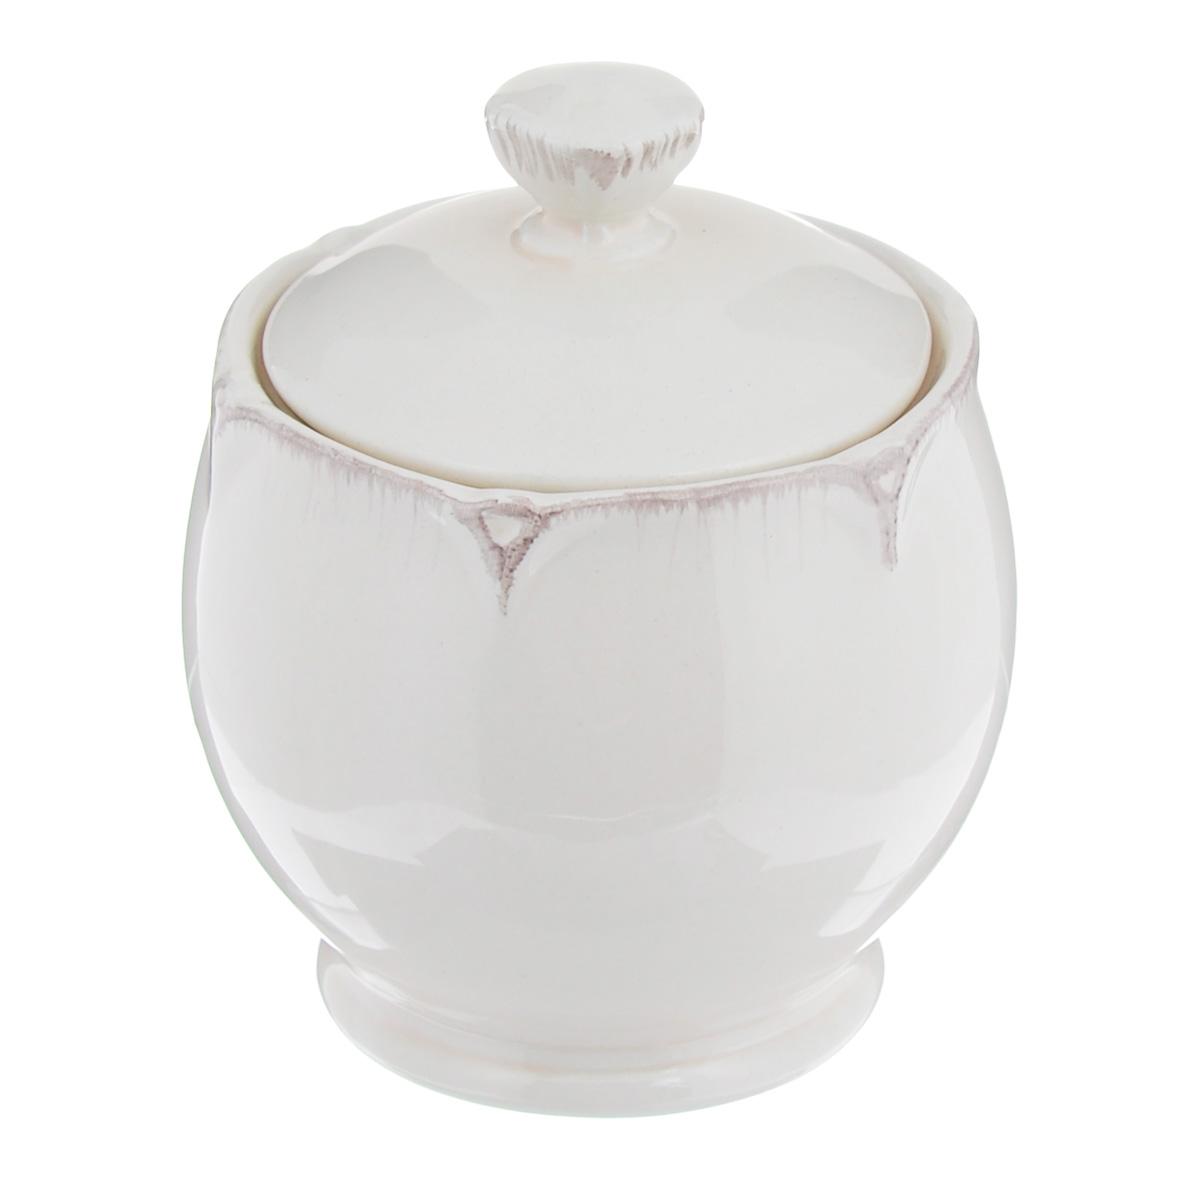 Сахарница Lillo Ideal, 300 мл115510Сахарница с крышкой Lillo Ideal, изготовленная из высококачественной керамики, доставит истинное удовольствие ценителям прекрасного. Сахарница украшена рельефом по краю. Красочность оформления придется по вкусу и ценителям классики, и тем, кто предпочитает утонченность и изысканность.Остерегайтесь сильных ударов. Не применять абразивные чистящие средства. Диаметр сахарницы: 6 см.Высота сахарницы (без учета крышки): 8 см.Объем: 300 мл.